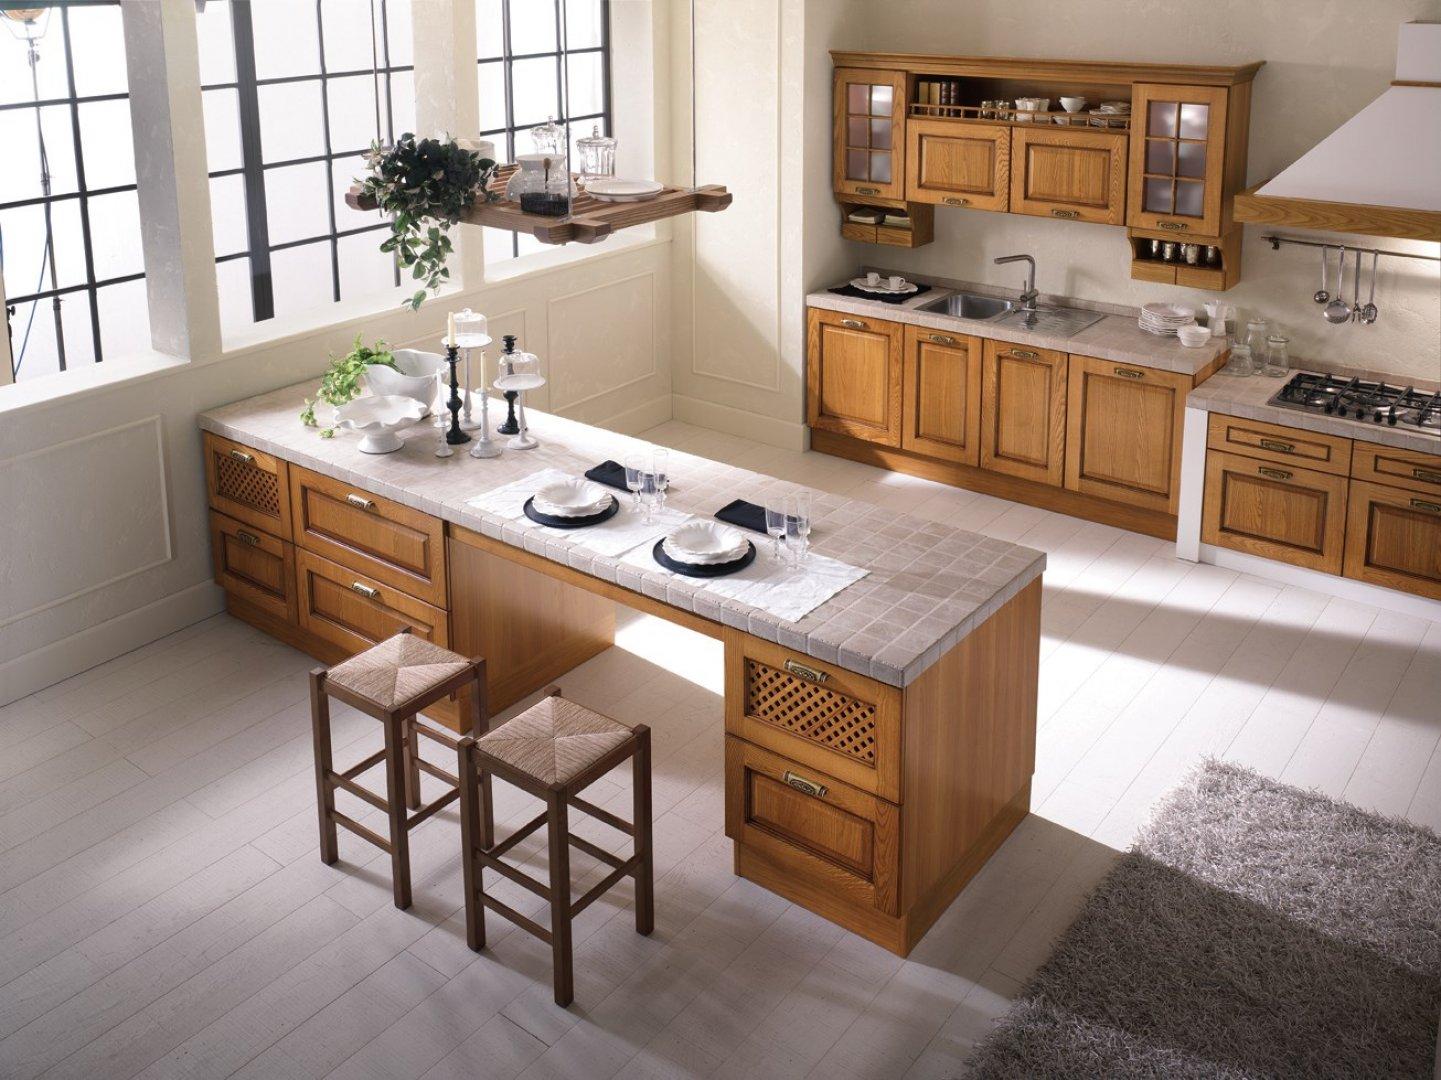 Le ante cucina per uno stile minimal e moderno for Stile country moderno